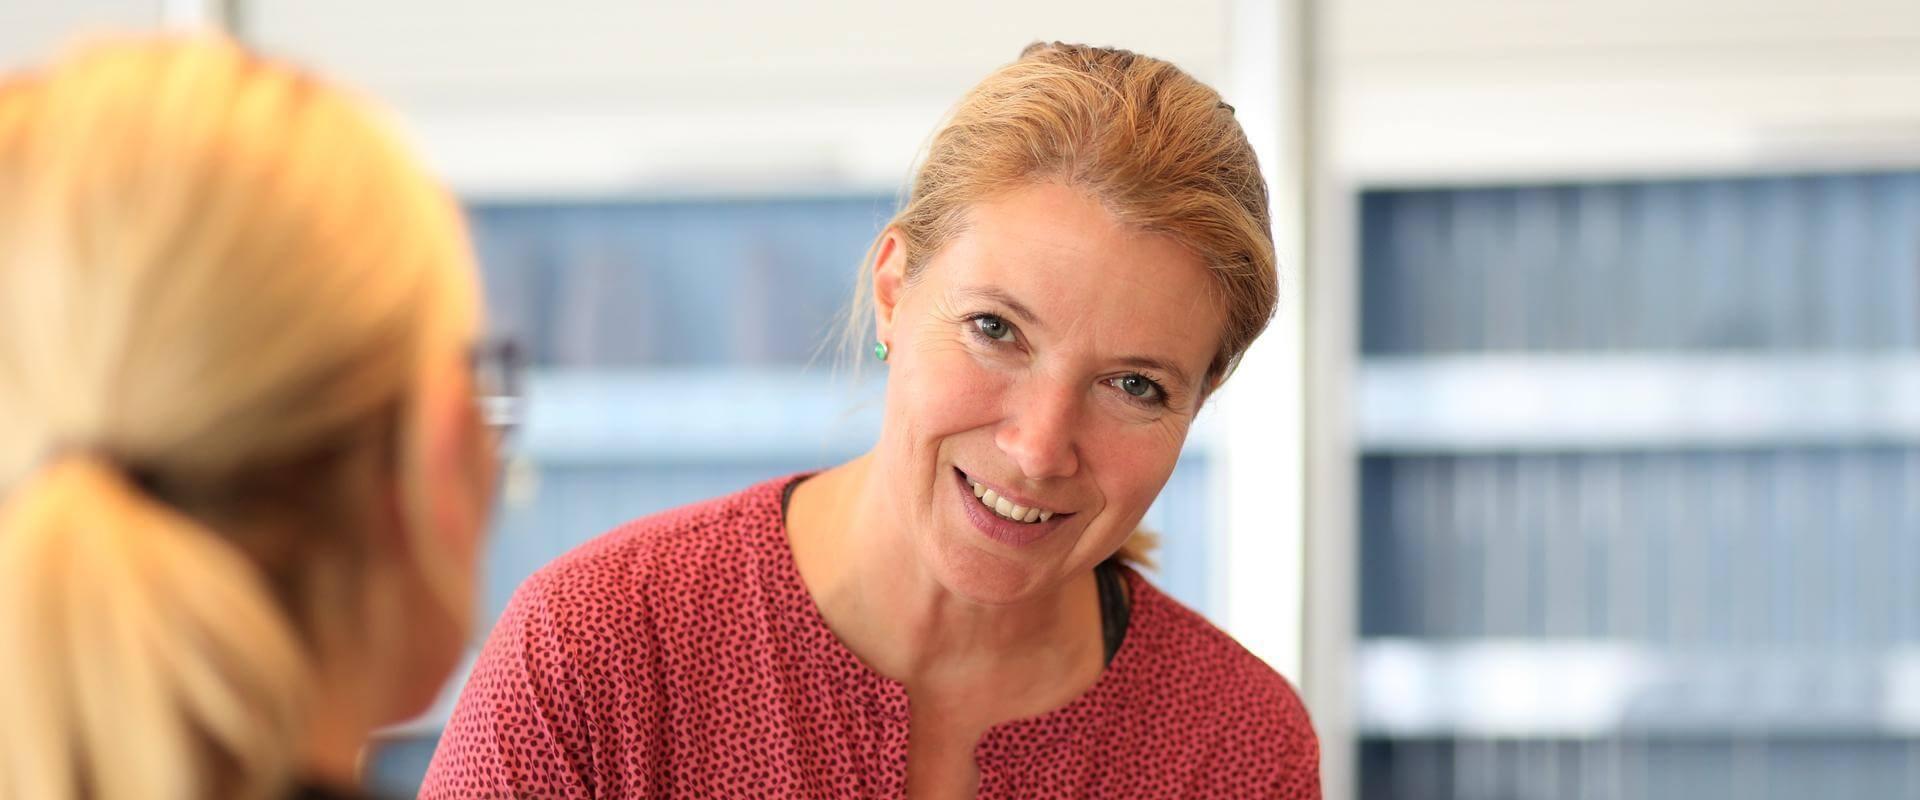 MEDIAN - Ihr Spezialist für Rehabilitation: Mitarbeiterin der MEDIAN Klinik